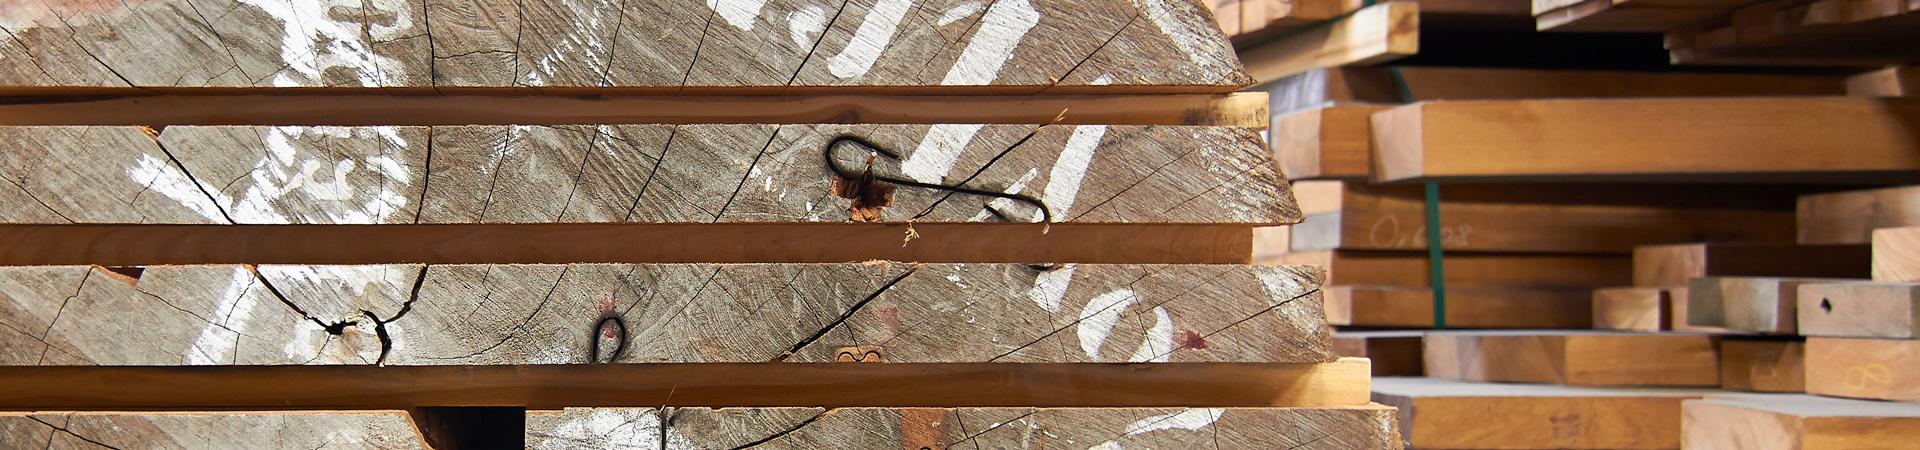 Ansvarsfullt företagande - Kärnsund Wood Link